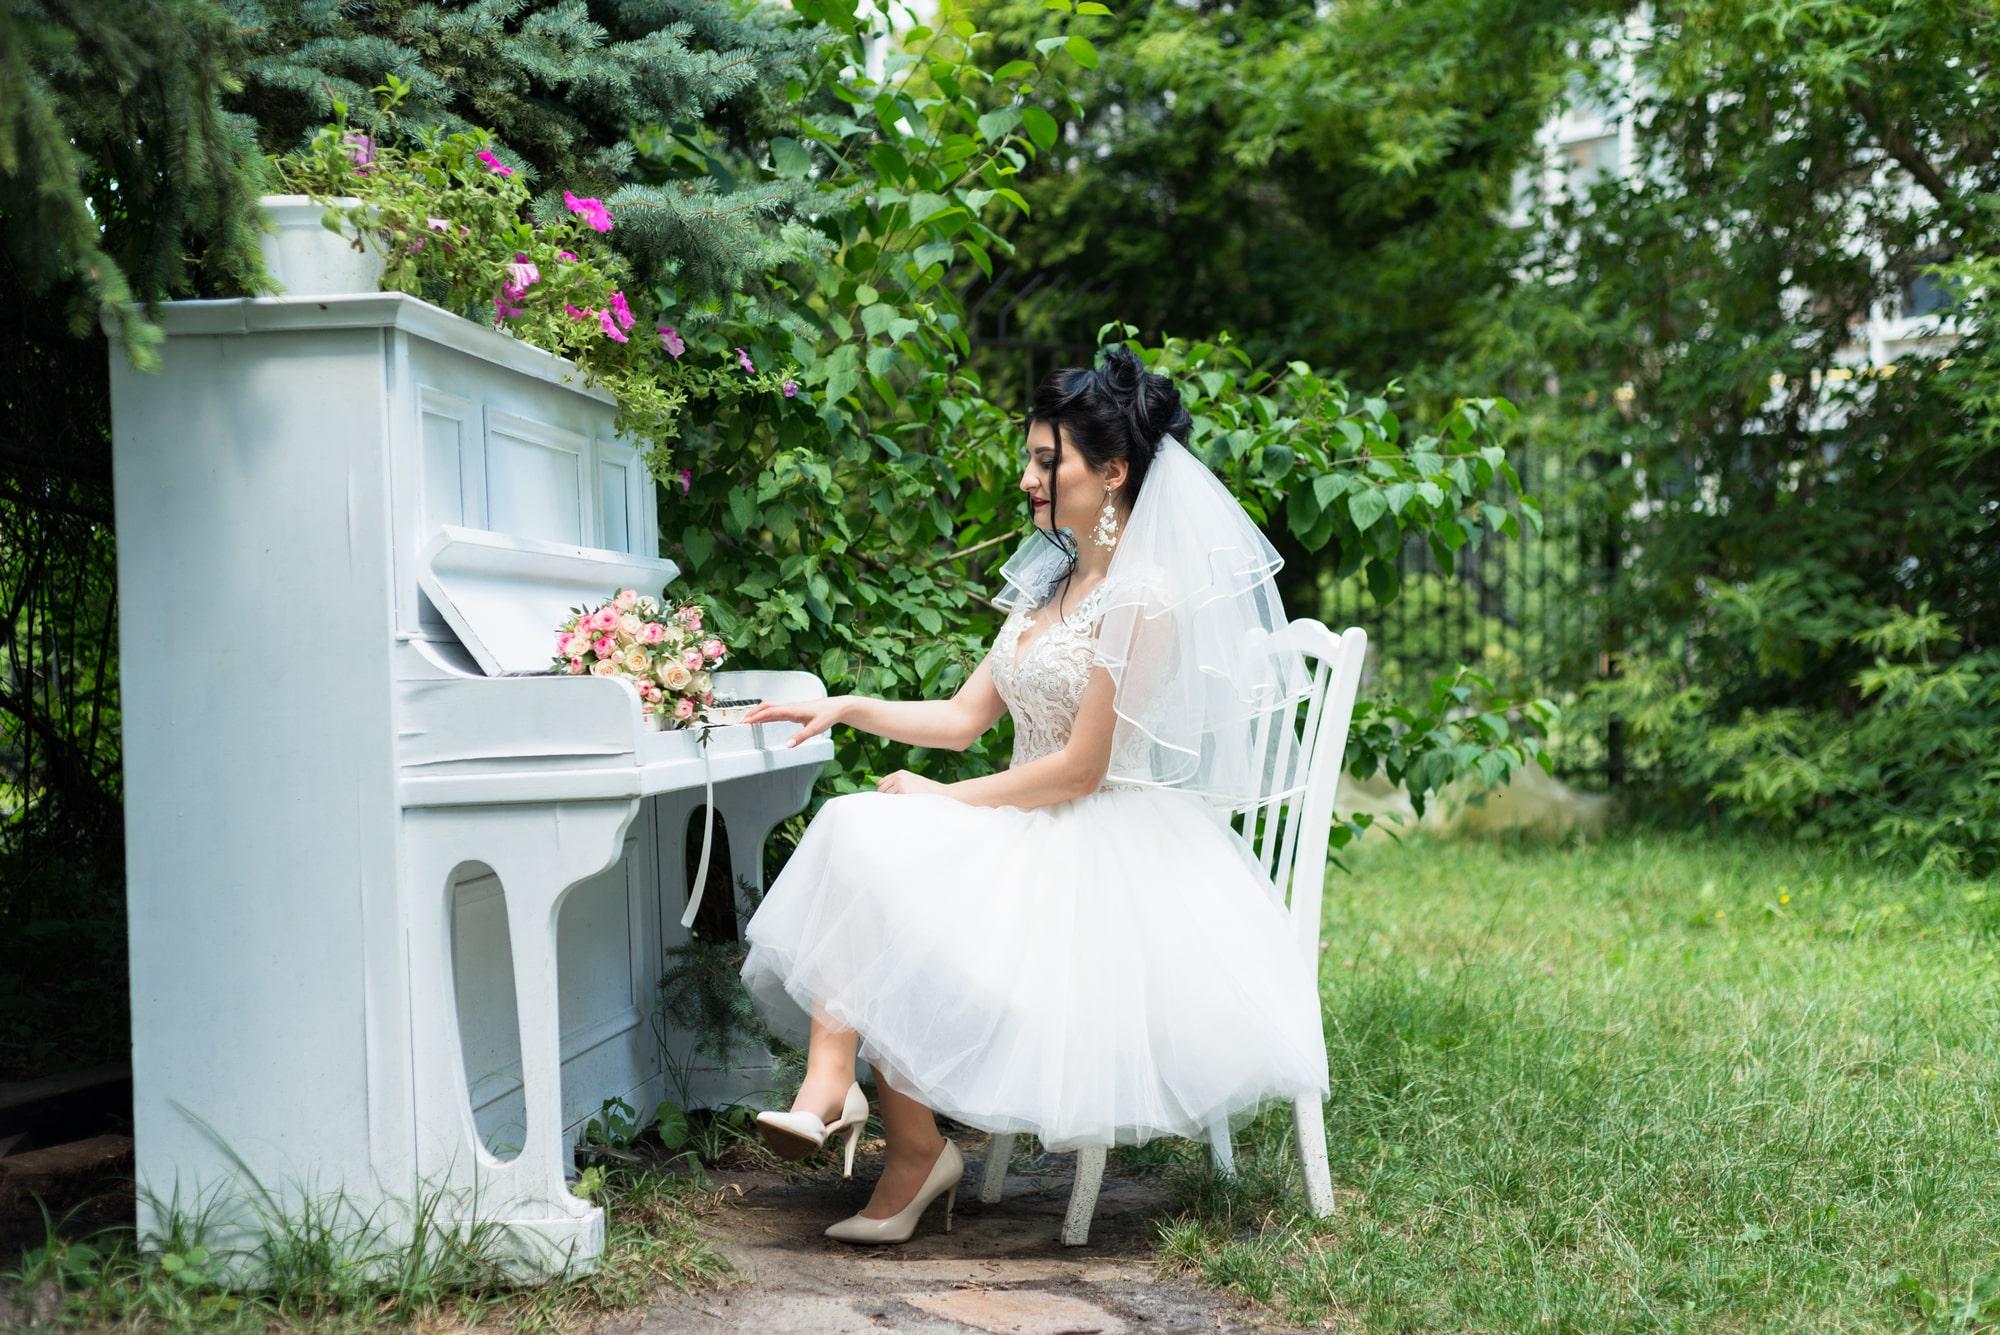 Свадебная фотосъемка в студии Плей - невеста играет на пианино